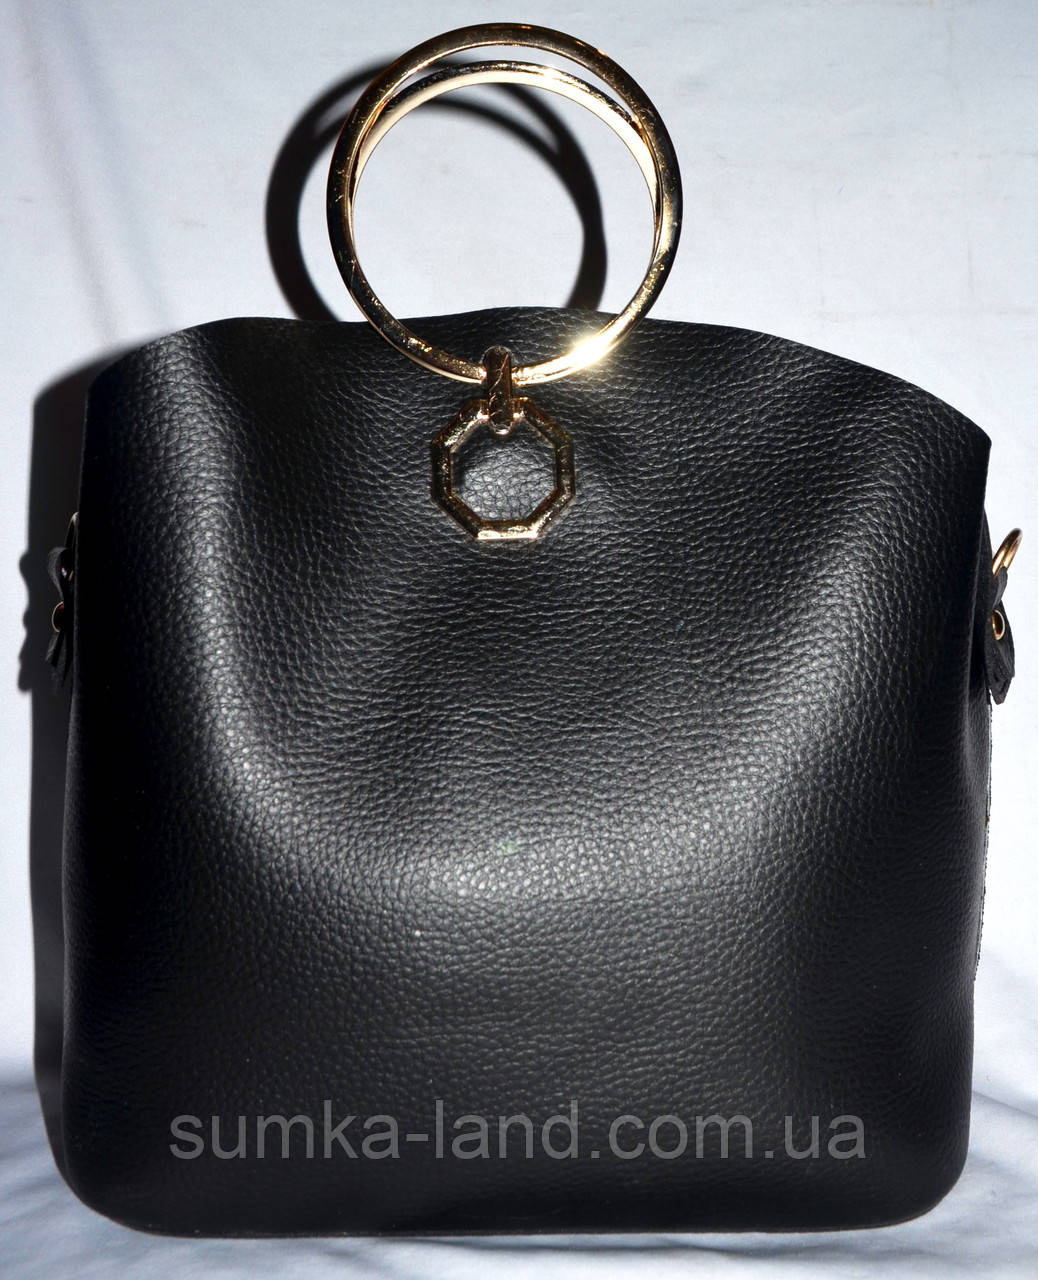 e6663aee8b63 ... Женская пудровая сумка Michael Kors с металлическими круглыми ручками  27 24, фото 4